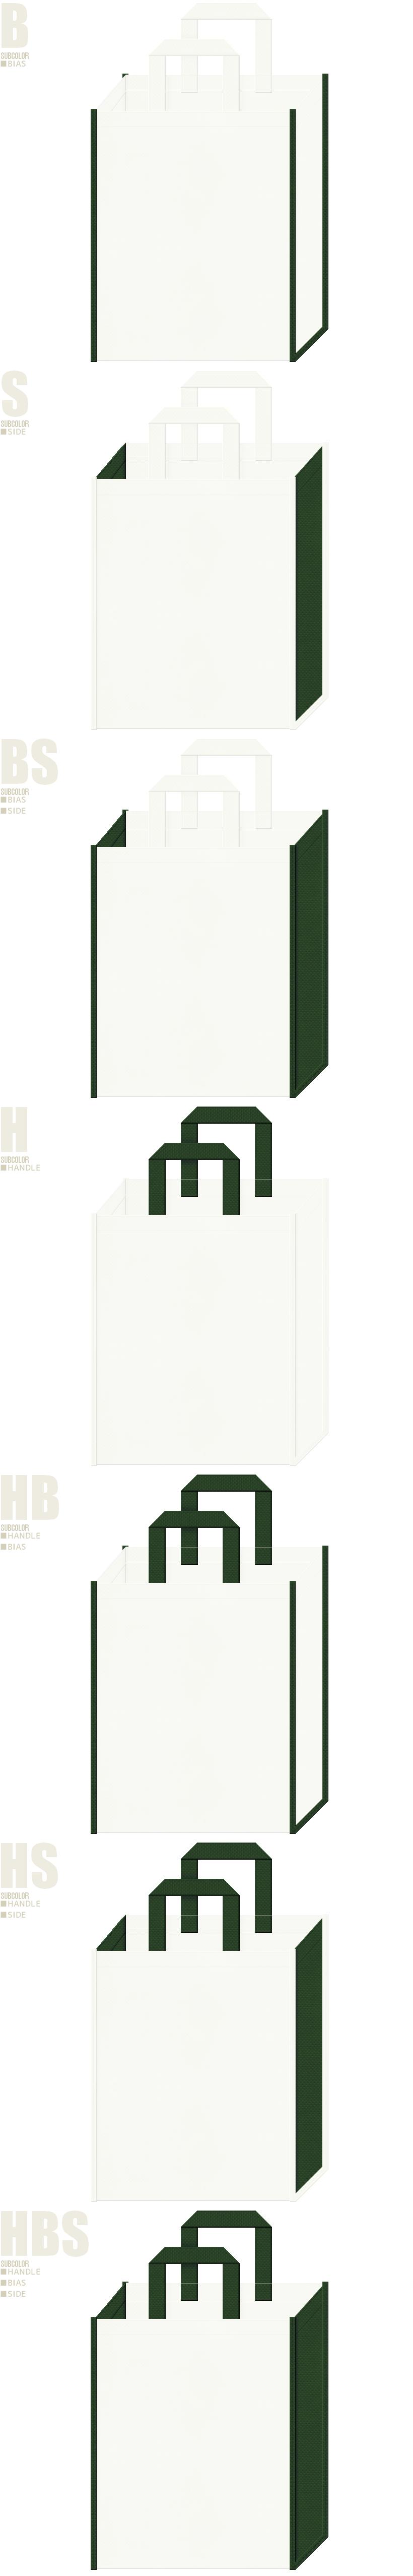 学校・学園・オープンキャンパス・薬局・救急用品・医療施設・医薬品・バイオ・安全用品の展示会用バッグにお奨めの不織布バッグデザイン:オフホワイト色と濃緑色の不織布バッグ配色7パターン